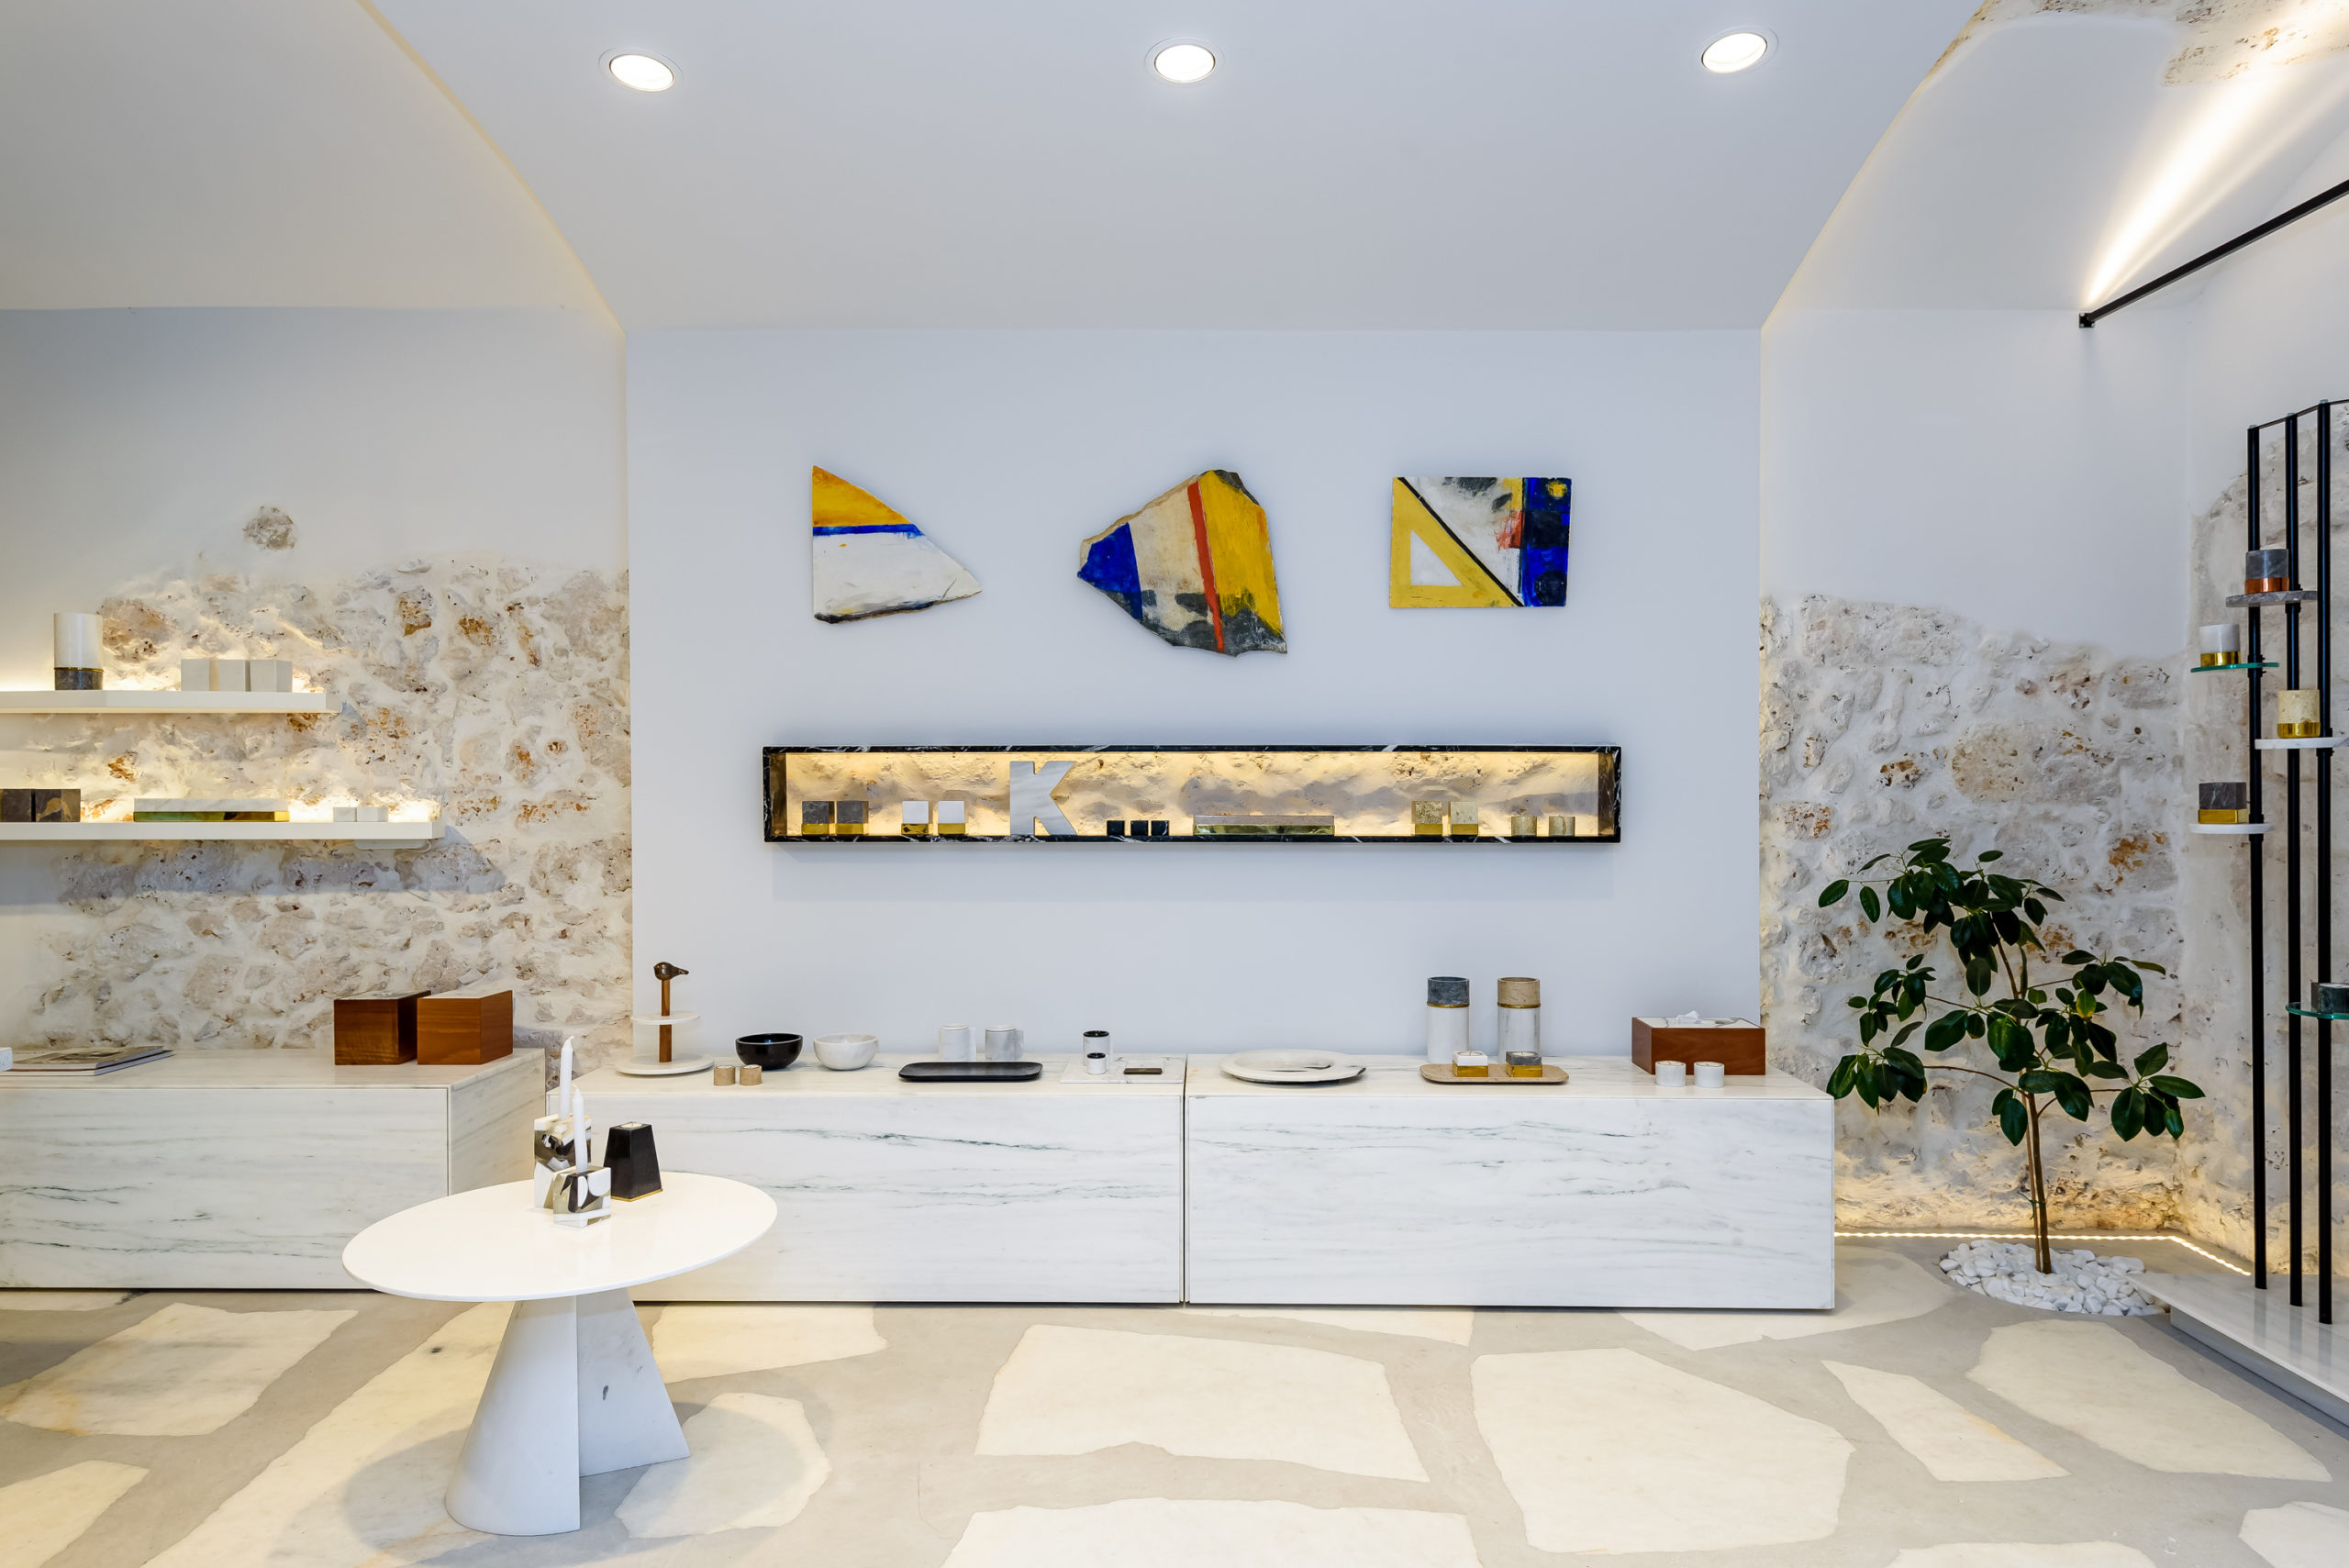 architect studio constantina smponia